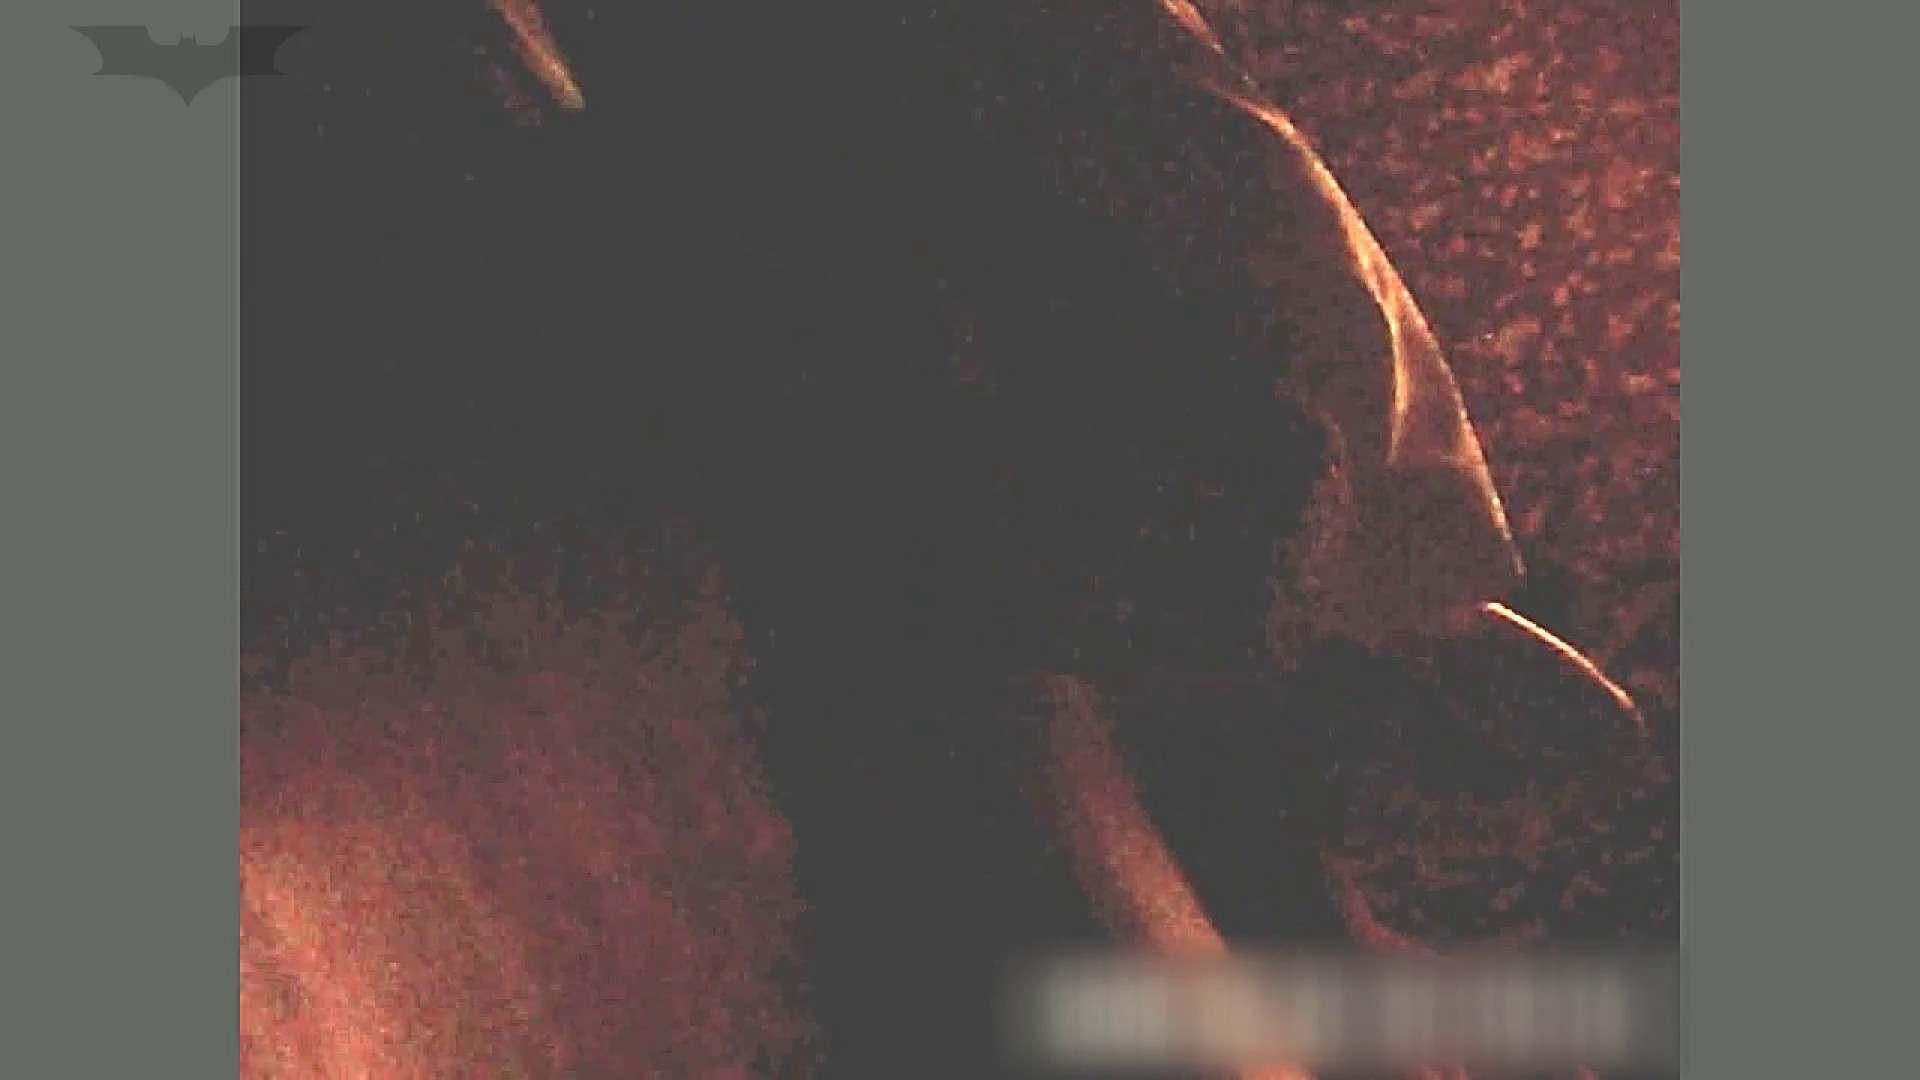 ▲2017_05位▲ 学園アイドル美人女子大生!❶4人厳選詰合せVol.49 セックス SEX無修正画像 104画像 44